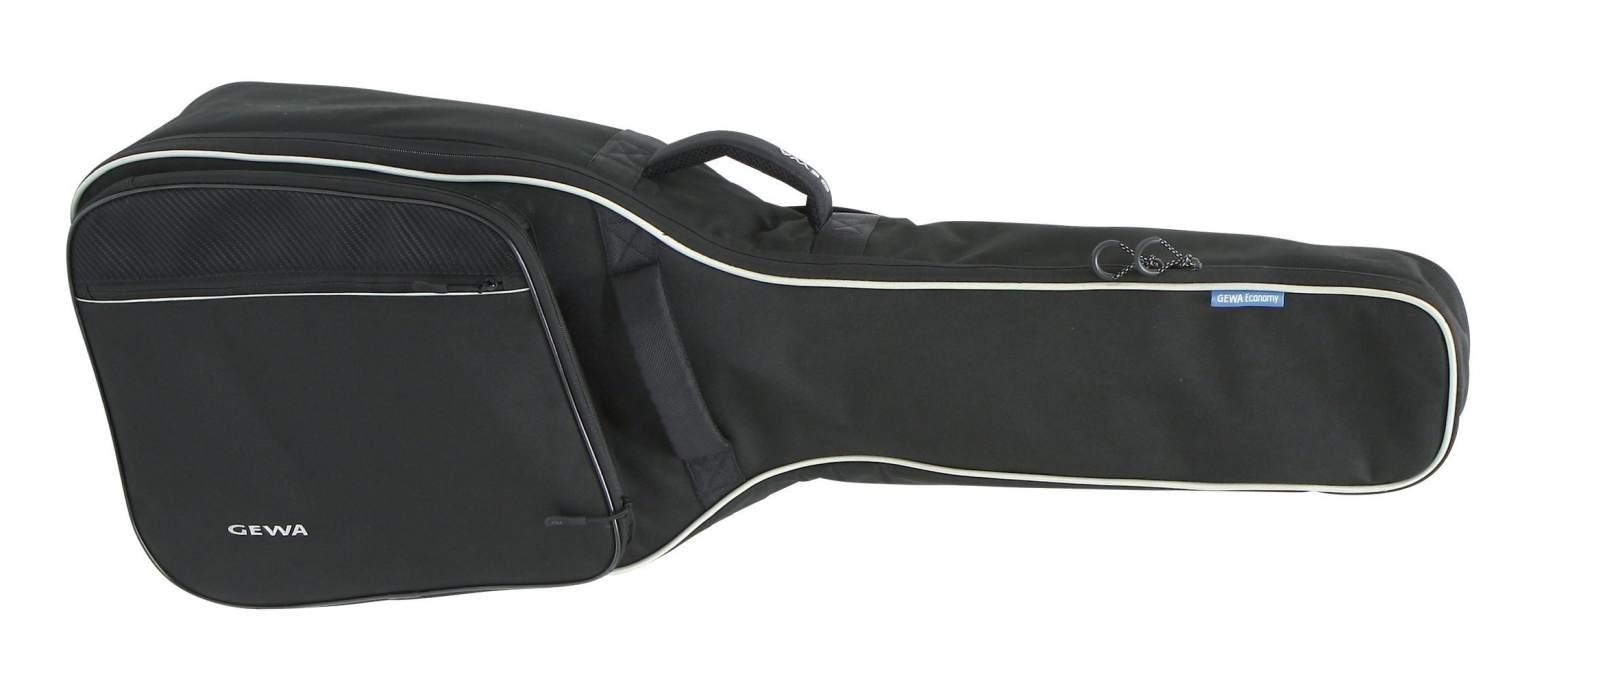 Gewa Gigbag Western-Gitarren Eco